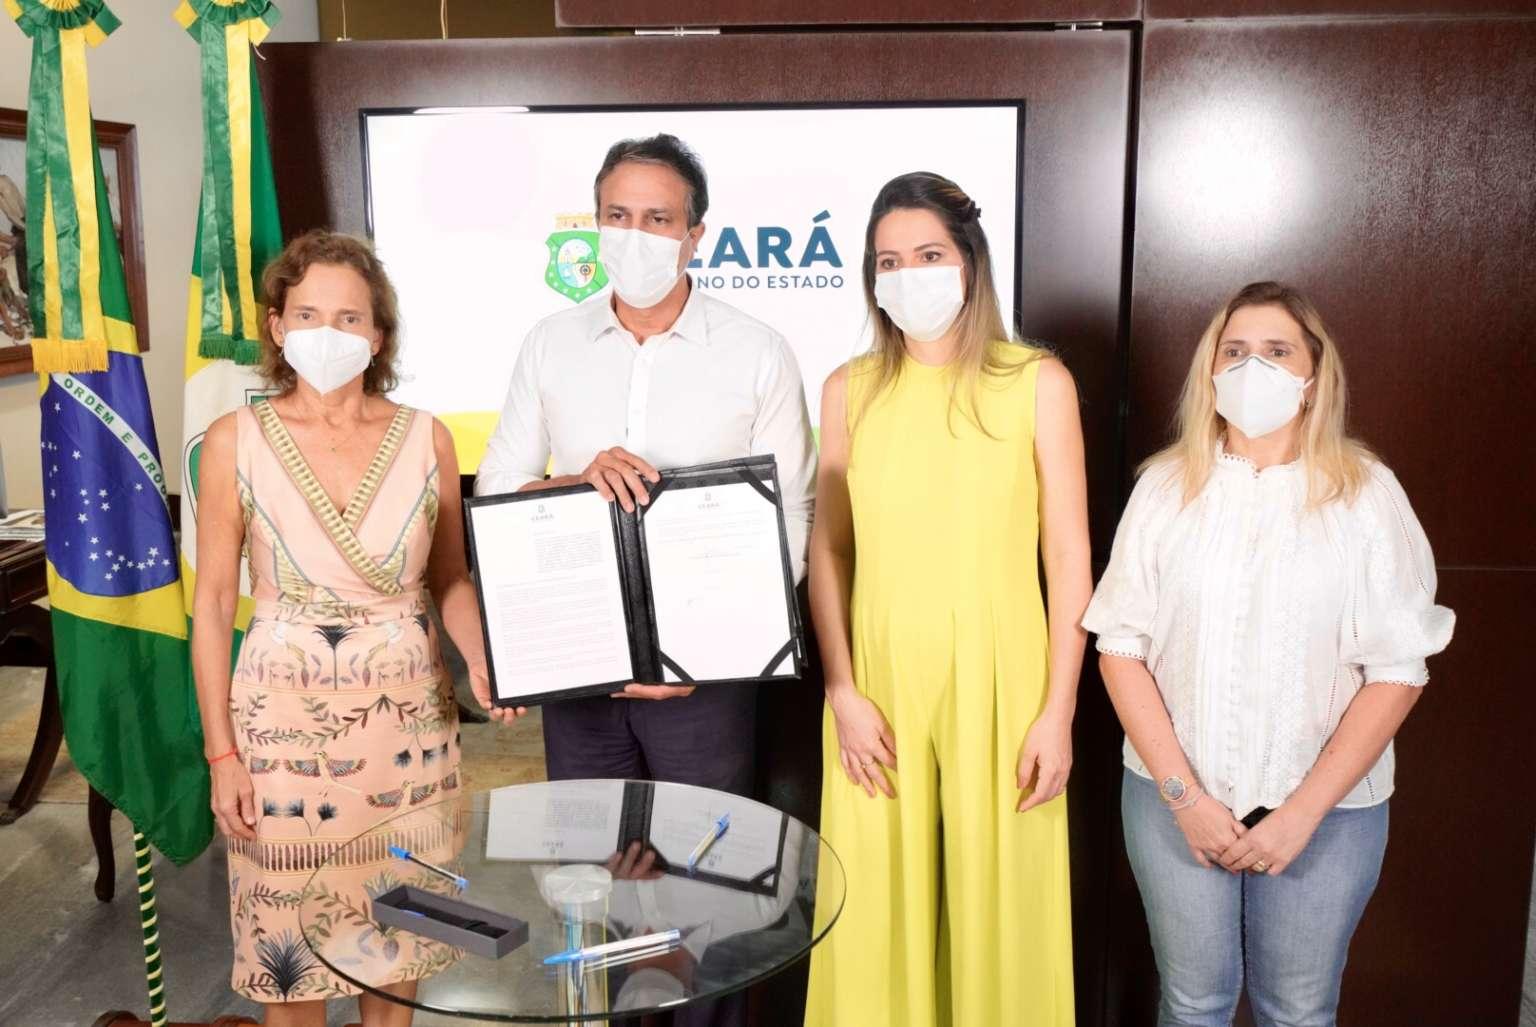 Governo do Ceará anuncia projeto de lei para distribuir absorventes higiênicos a estudantes de escolas públicas e universidades